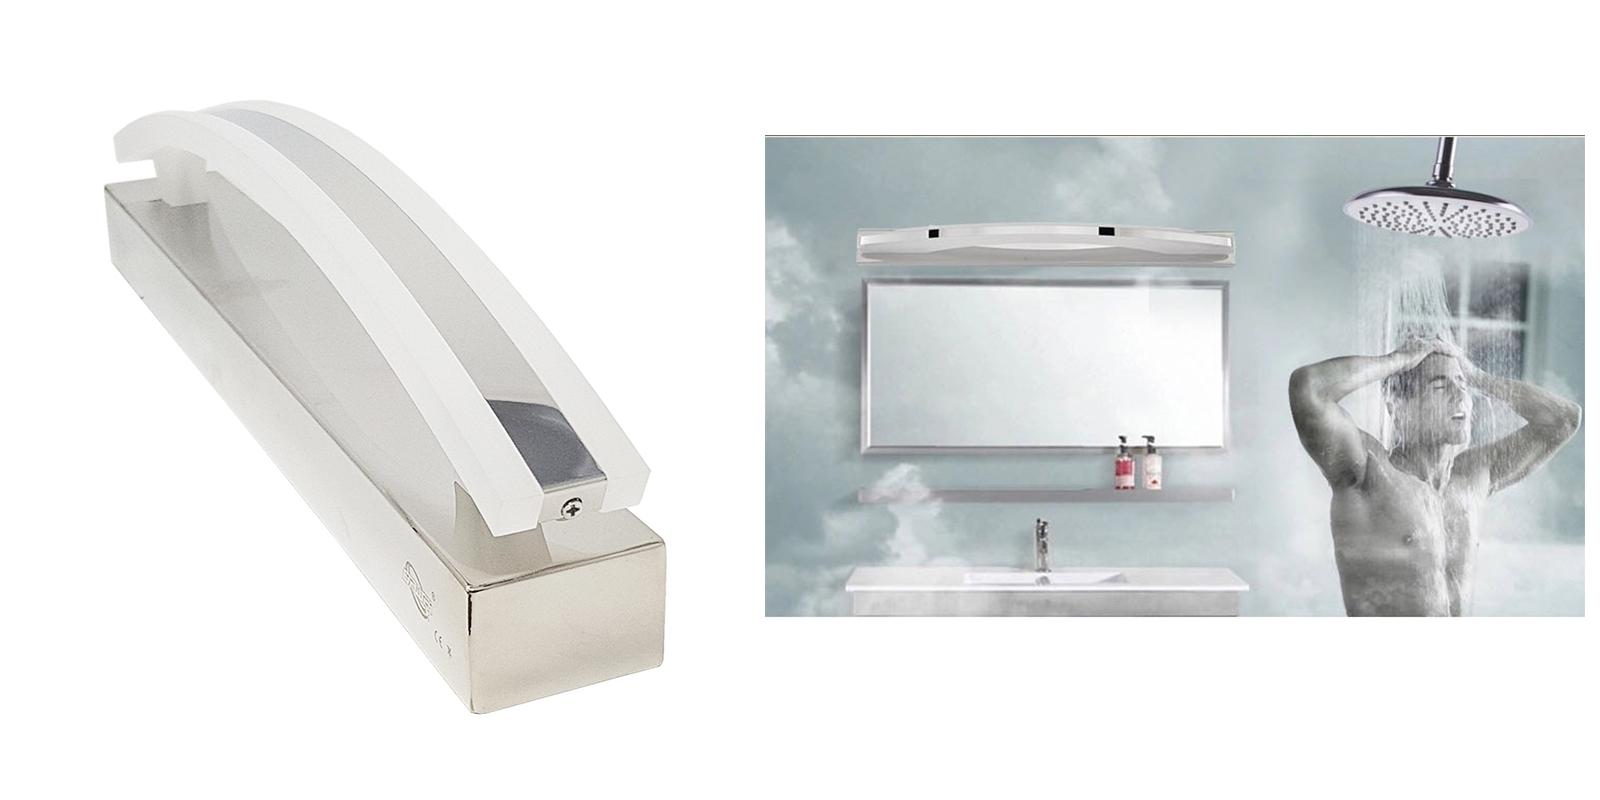 Illuminazione Bagno A Parete applique lampada led 8w silver specchio bagno parete luce fredda 6200-8